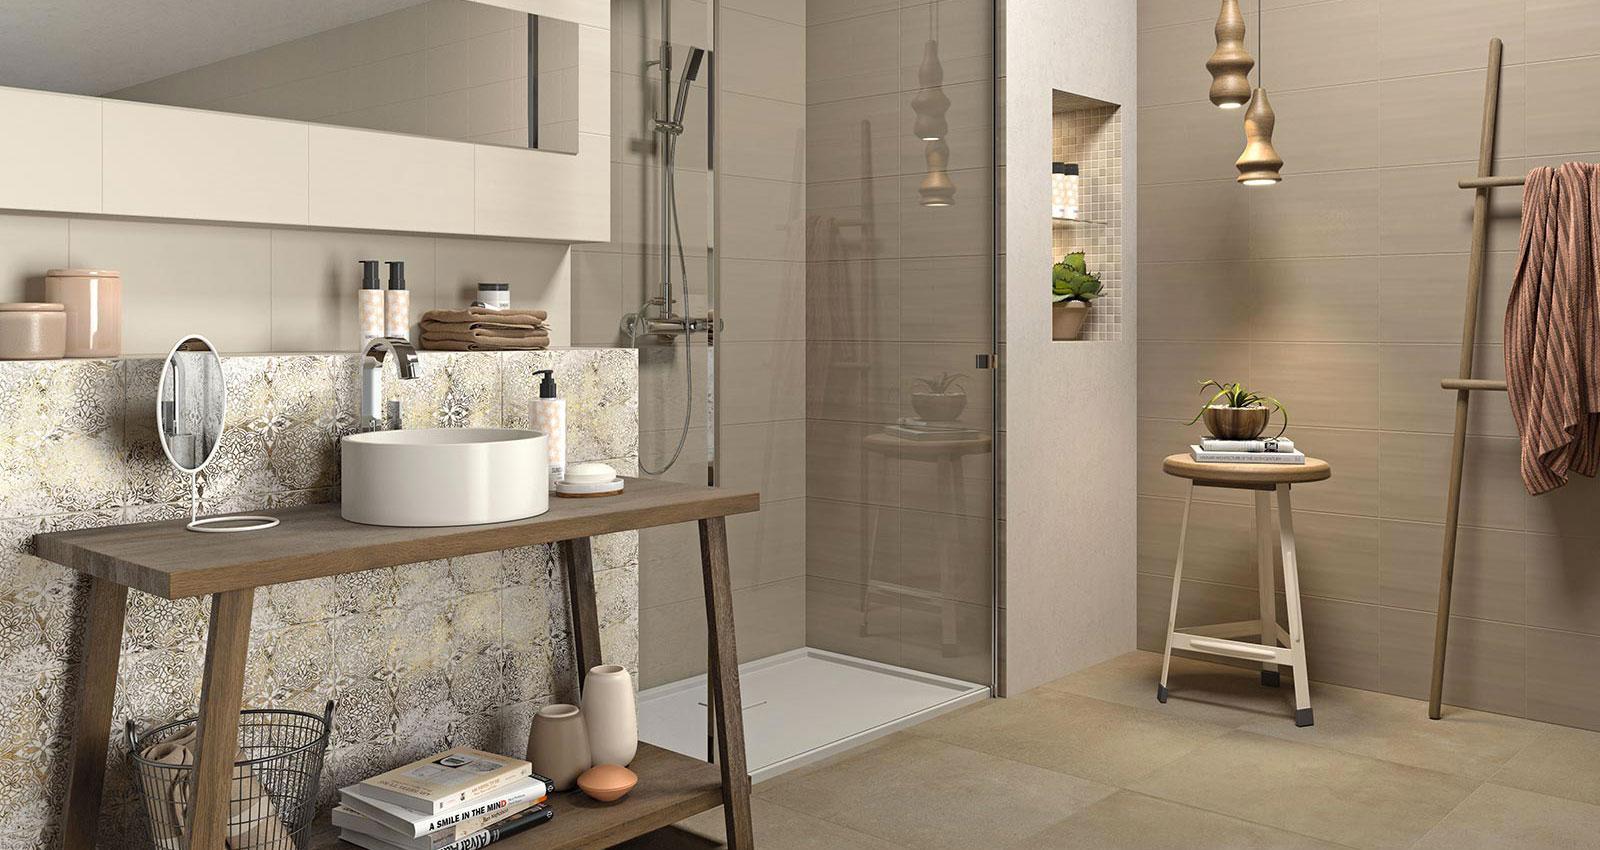 Neutral piastrelle per rivestimento marazzi - Piastrelle rivestimento bagno ...